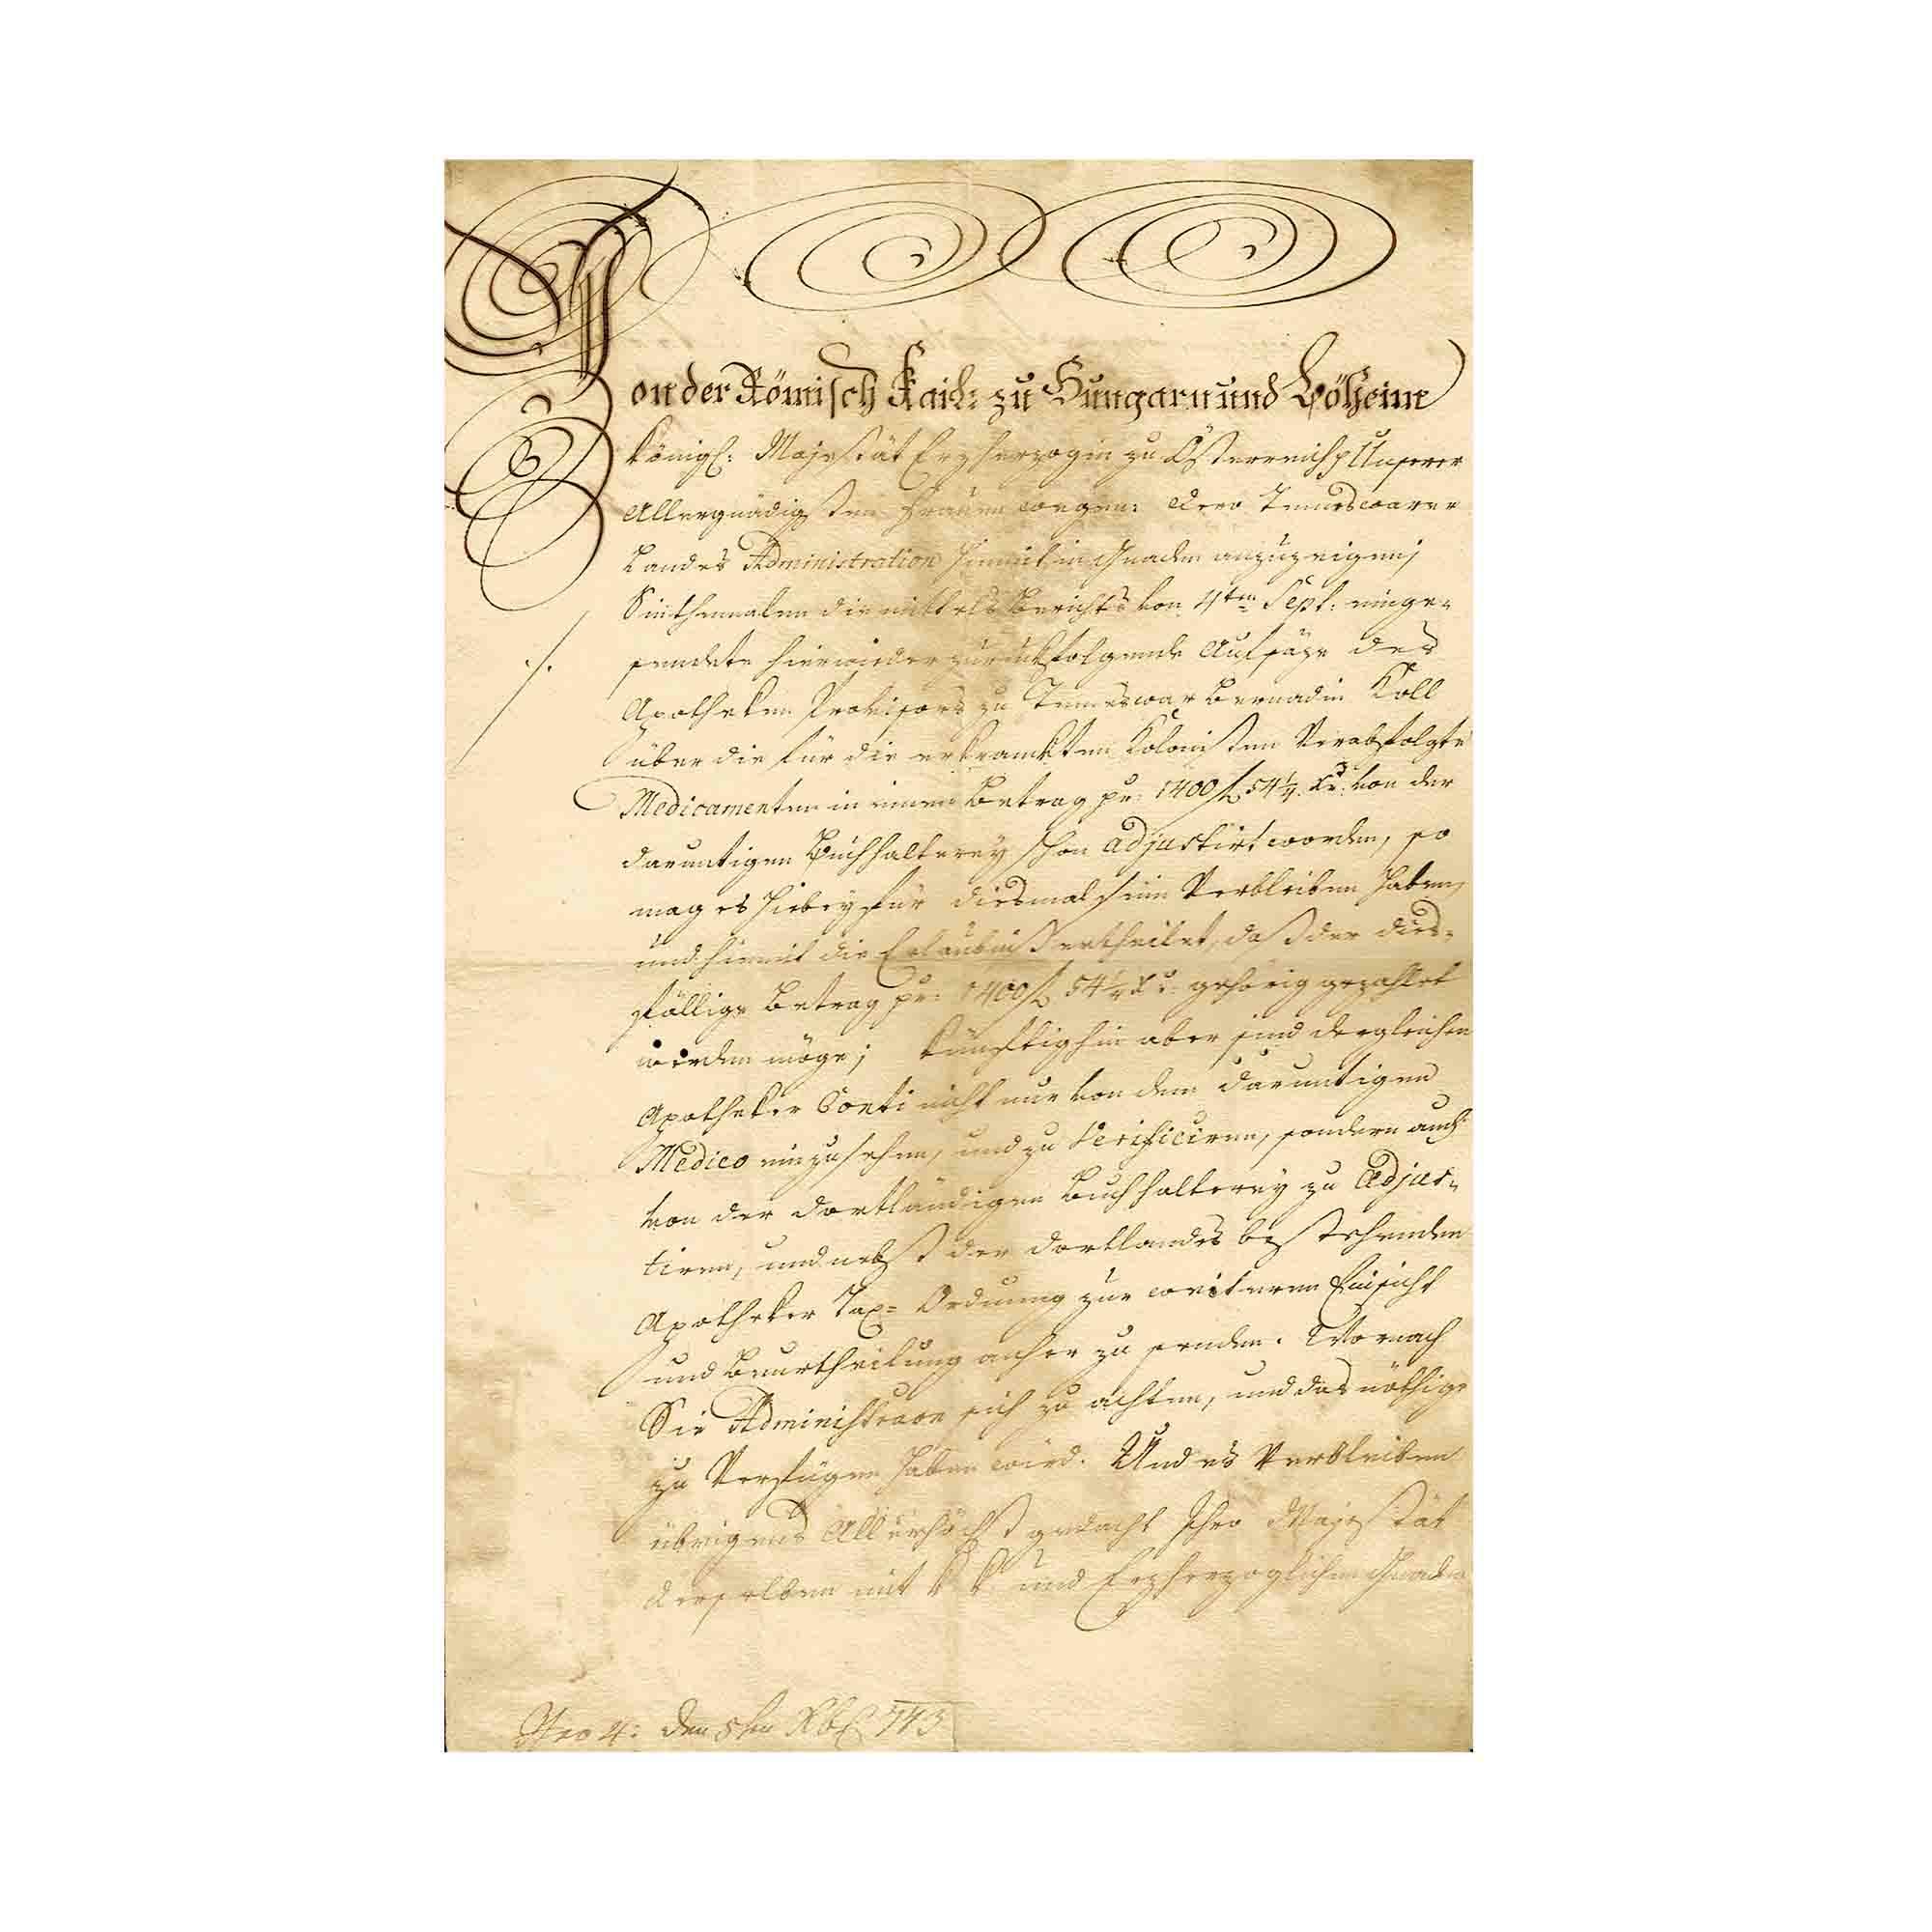 5371-Bolza-Schriftstück-Medikamente-1773-N.jpg